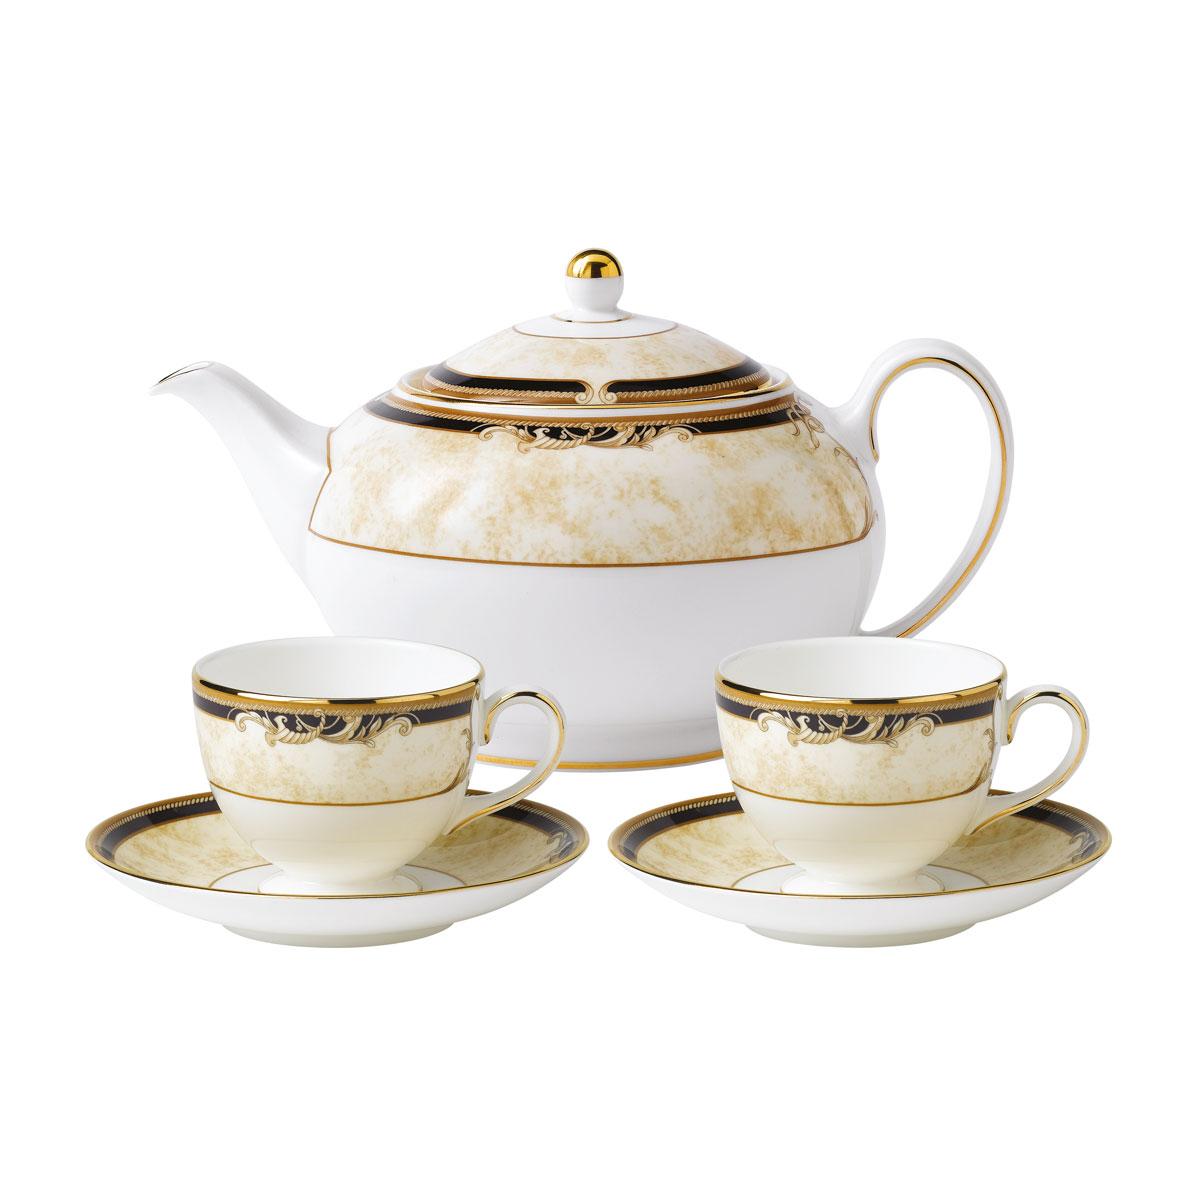 Wedgwood Cornucopia Tea Set